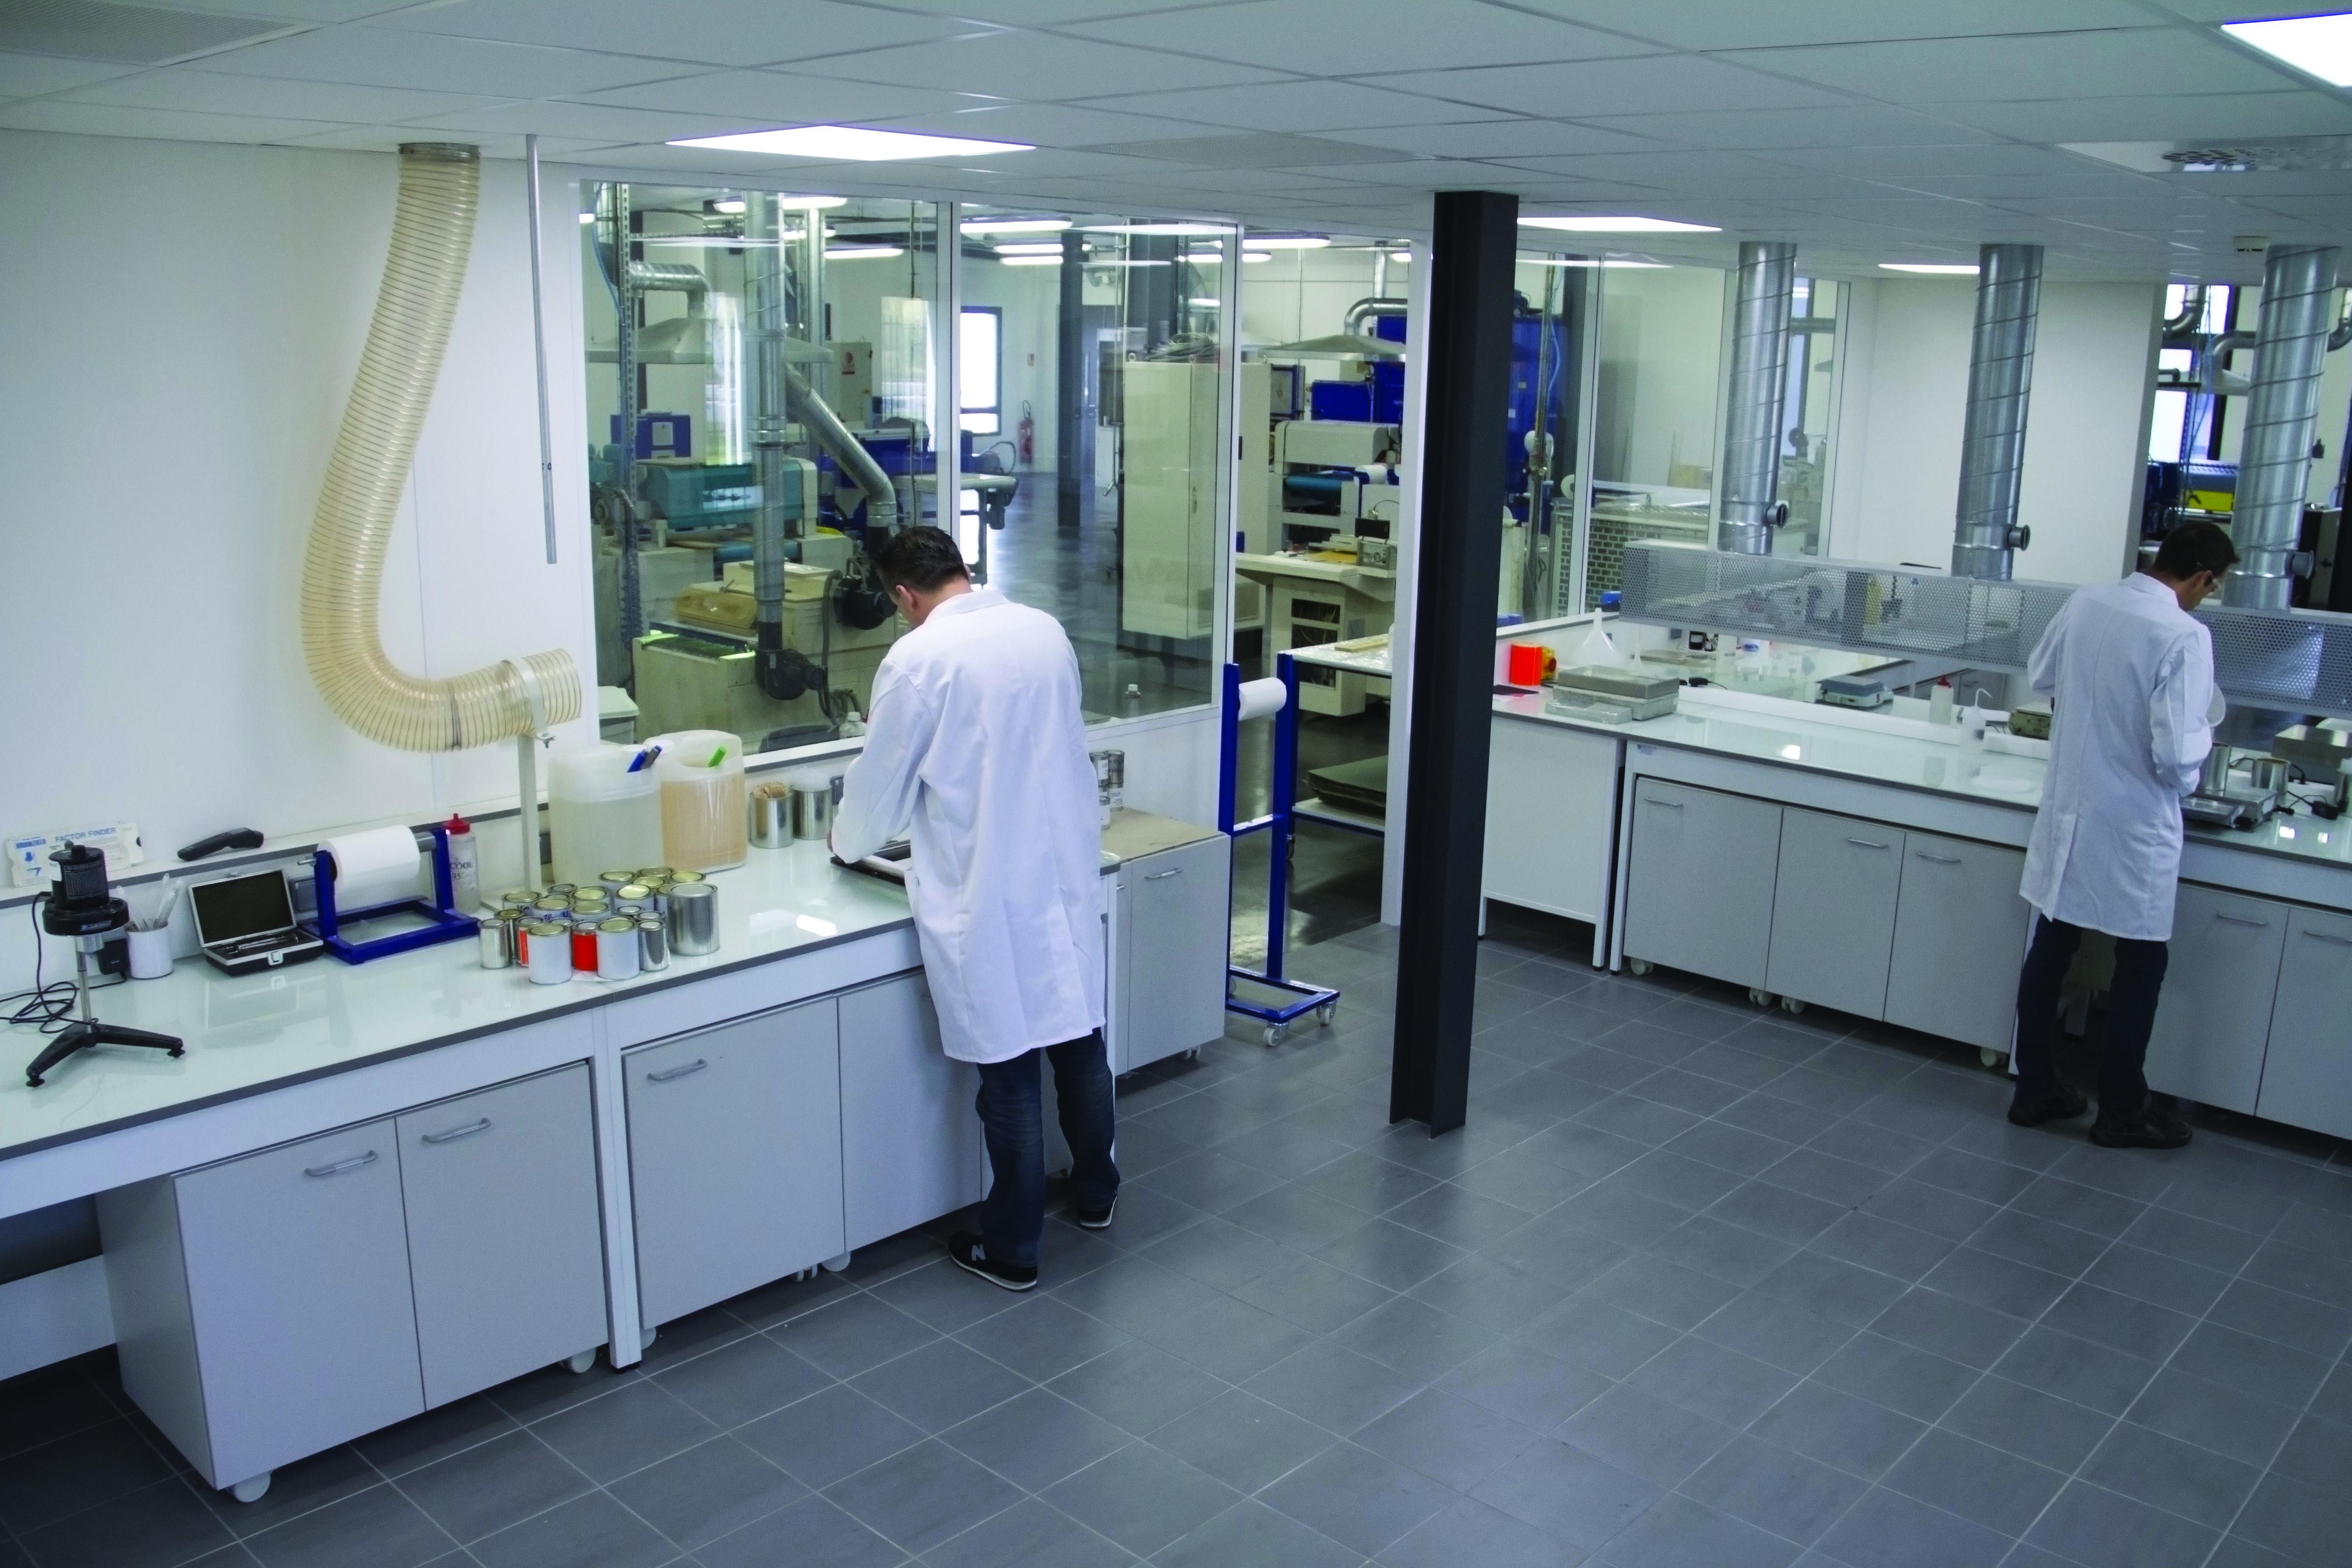 The company - Briançon production - Laboratoire de recherche